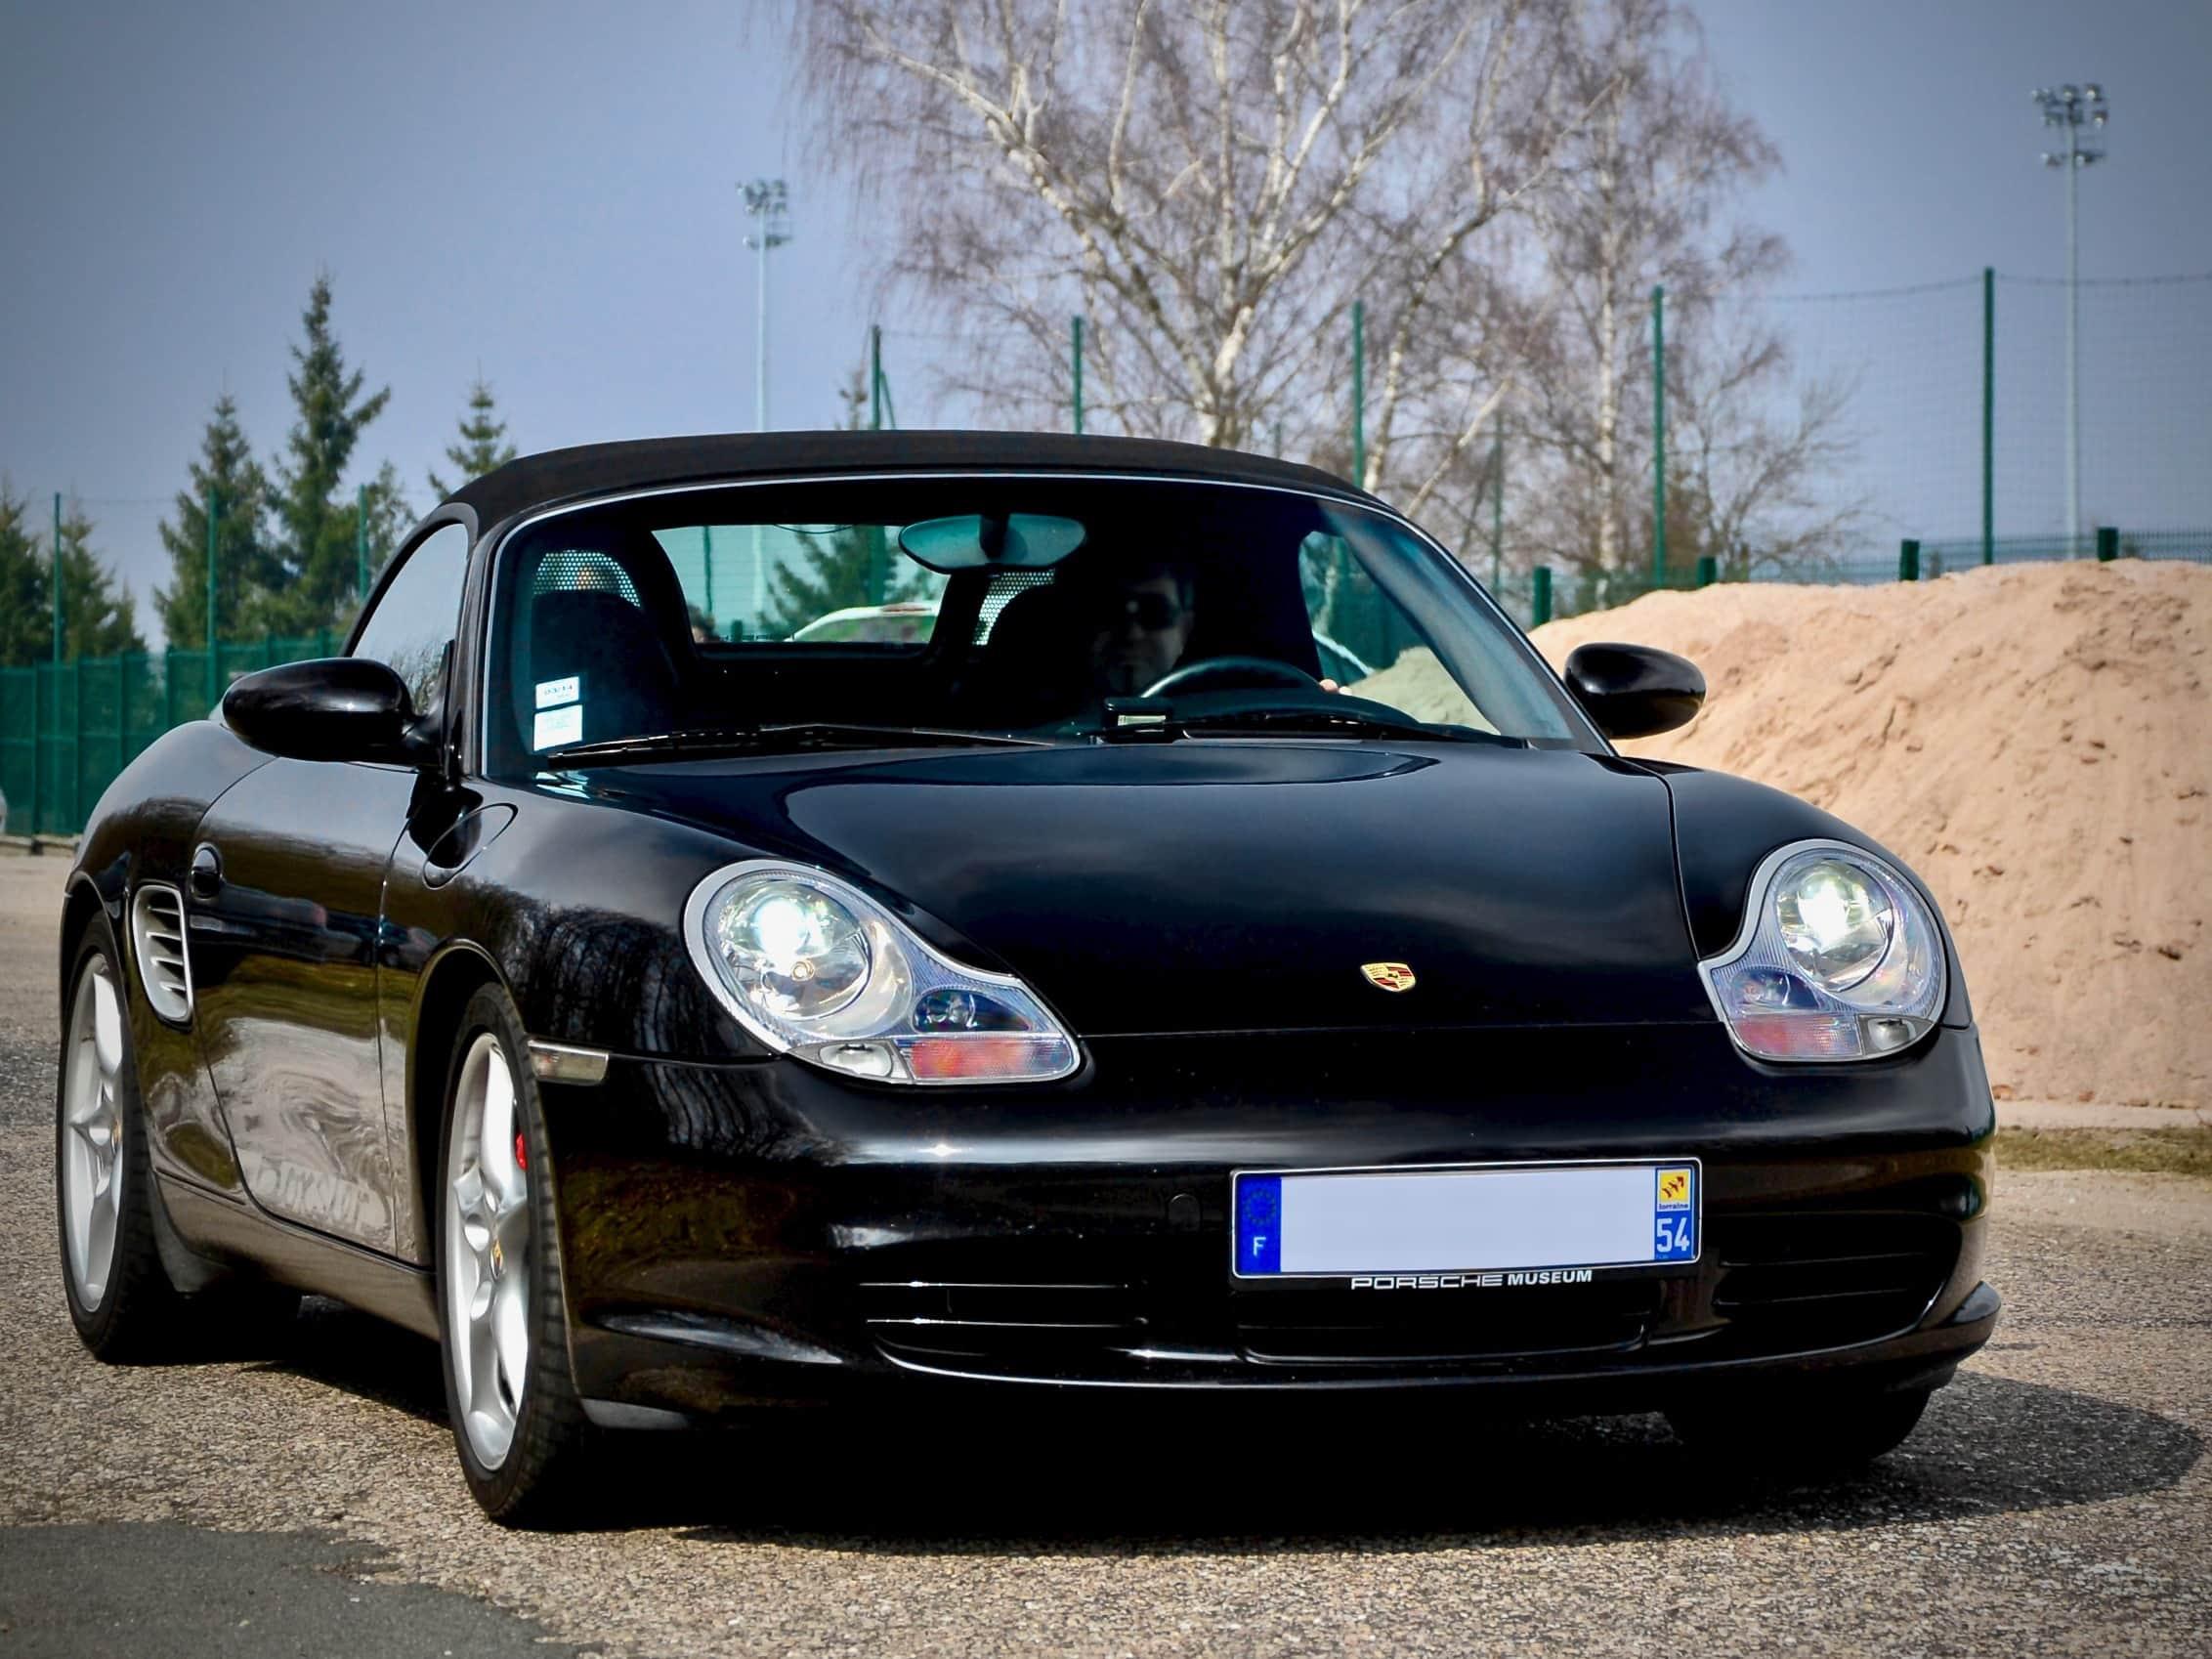 Musta Porsche Boxster 986 edestä